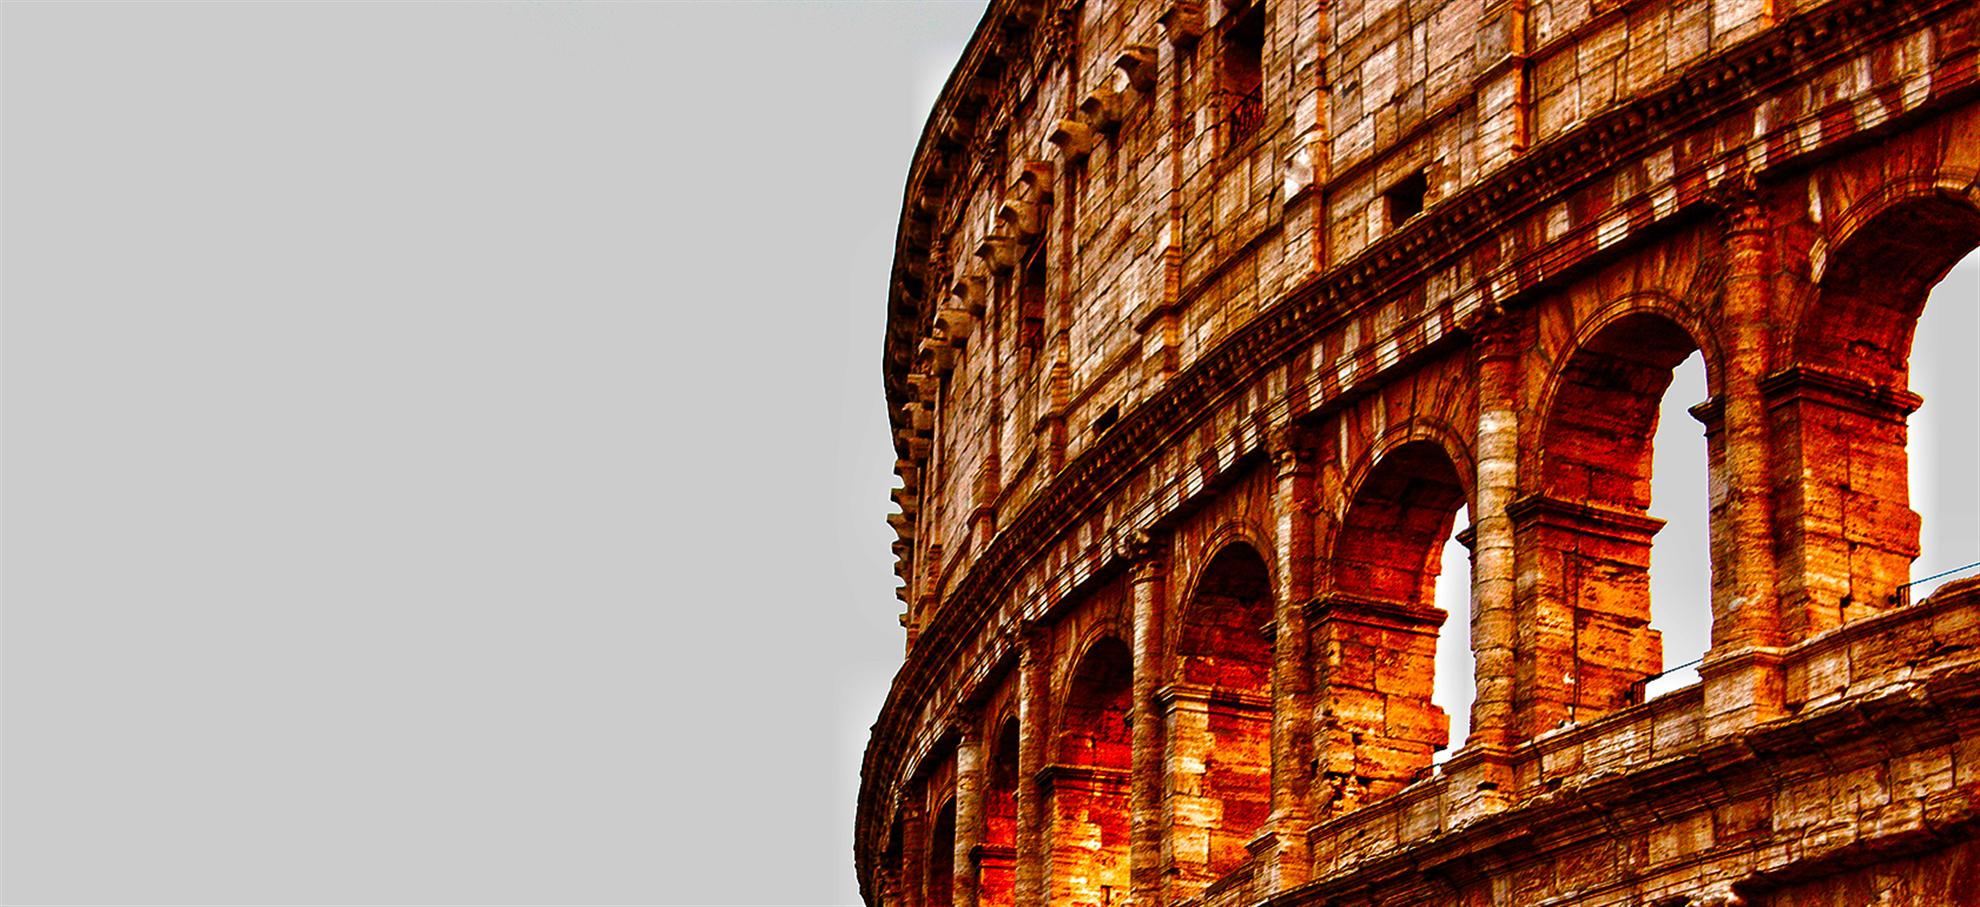 Subterrâneos do Coliseo e Arena, Fórum Romano & Colina Palatina (P2BUAS)